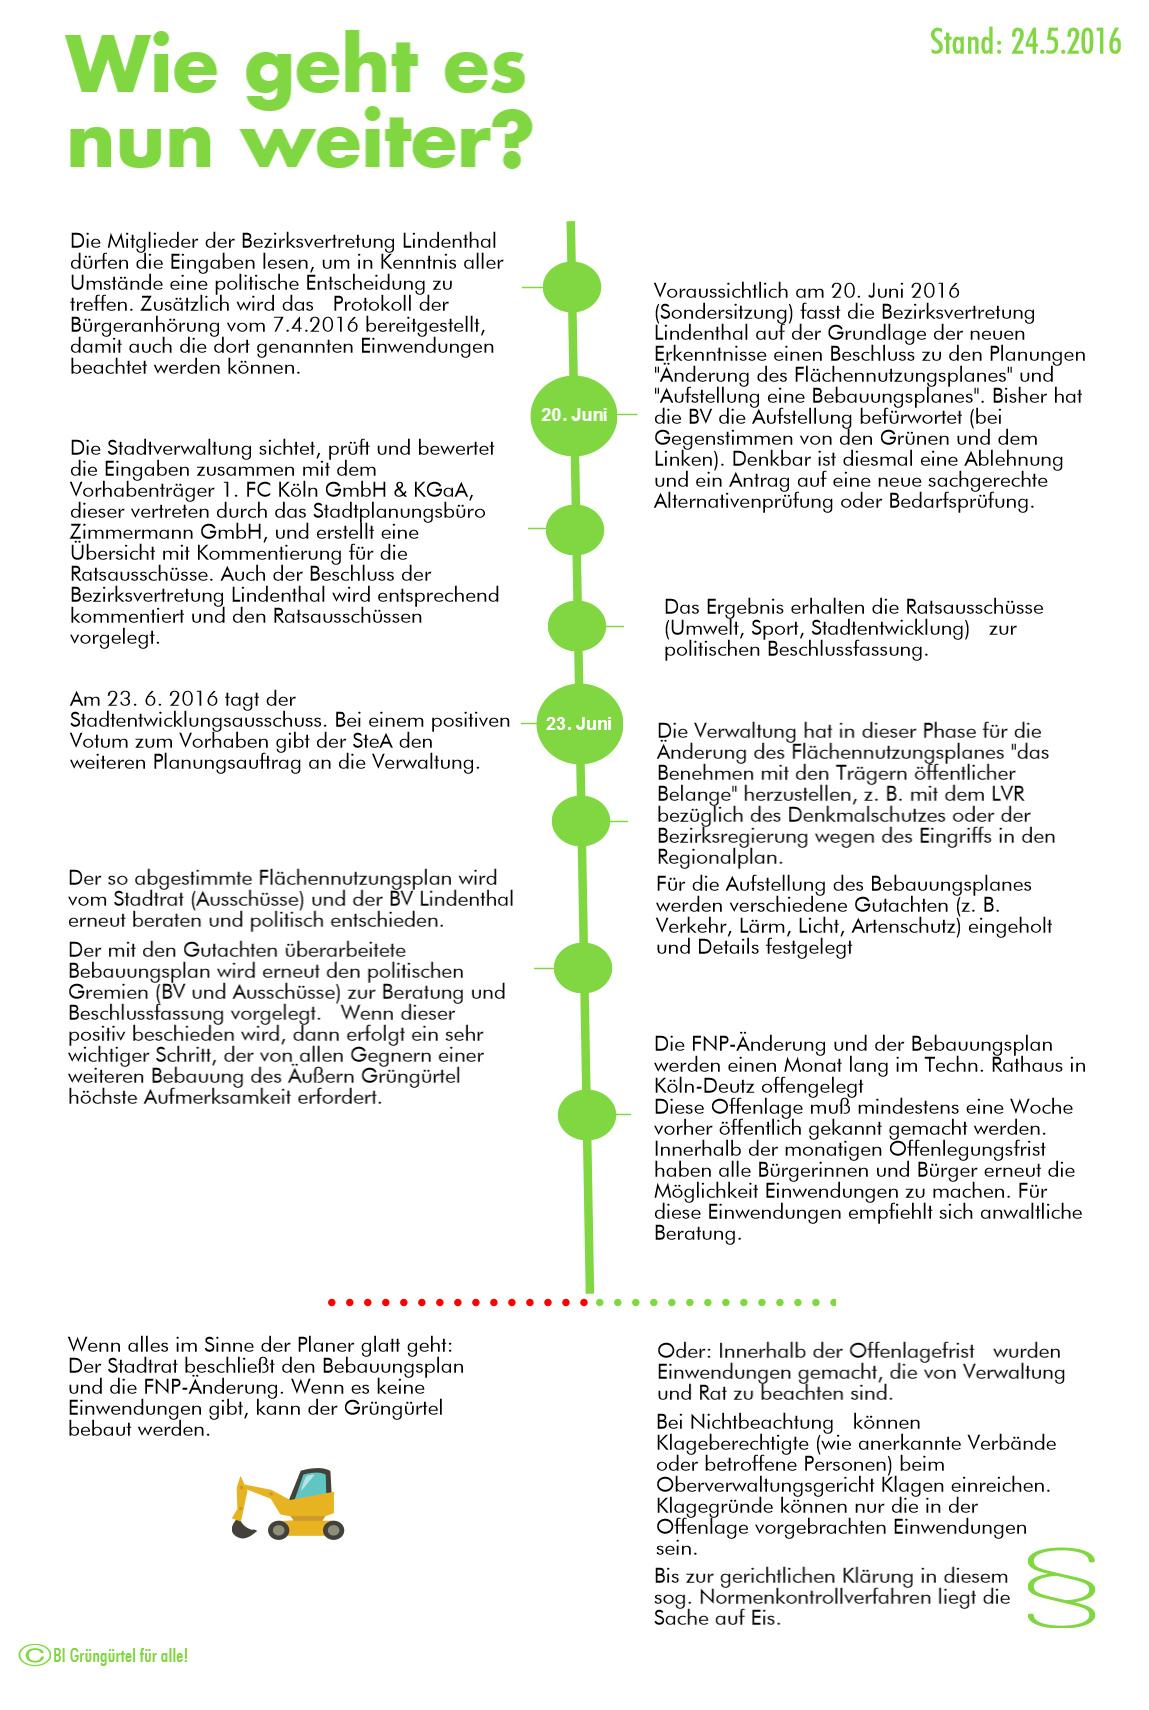 GG-Timeline2